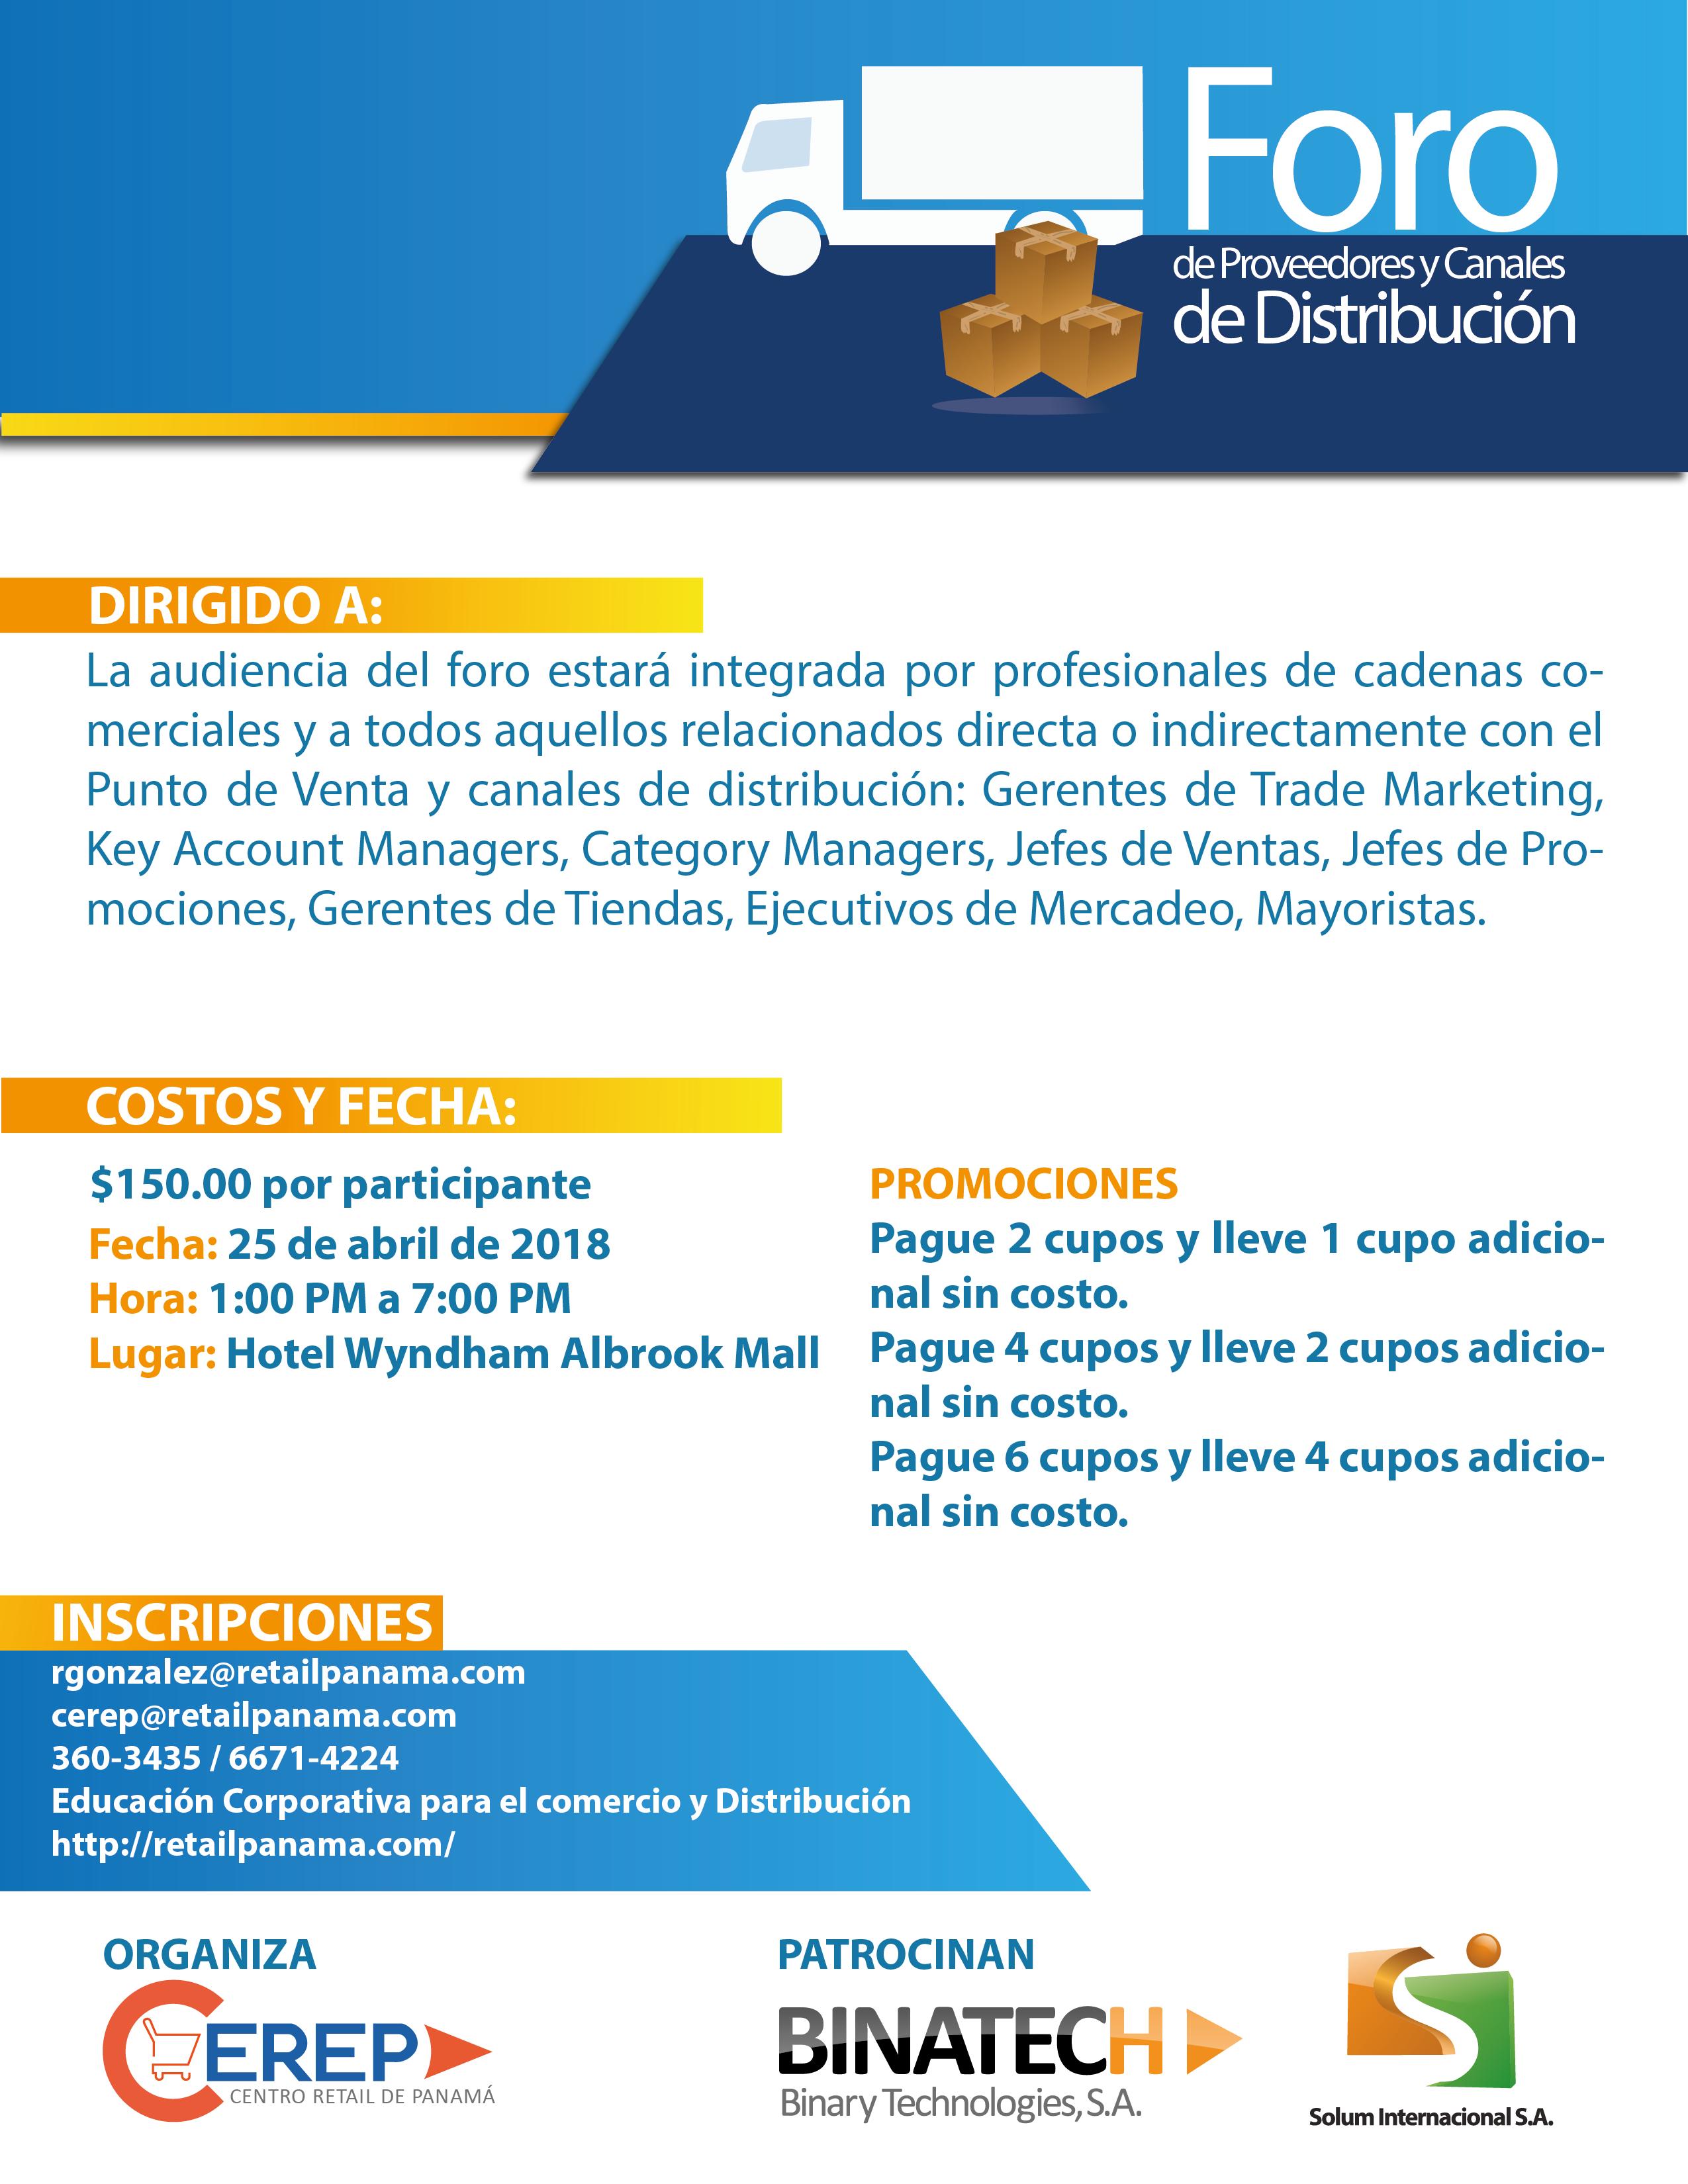 III FORO DE PROVEEDORES Y CANALES DE DISTRIBUCIÓN - PANAMÁ